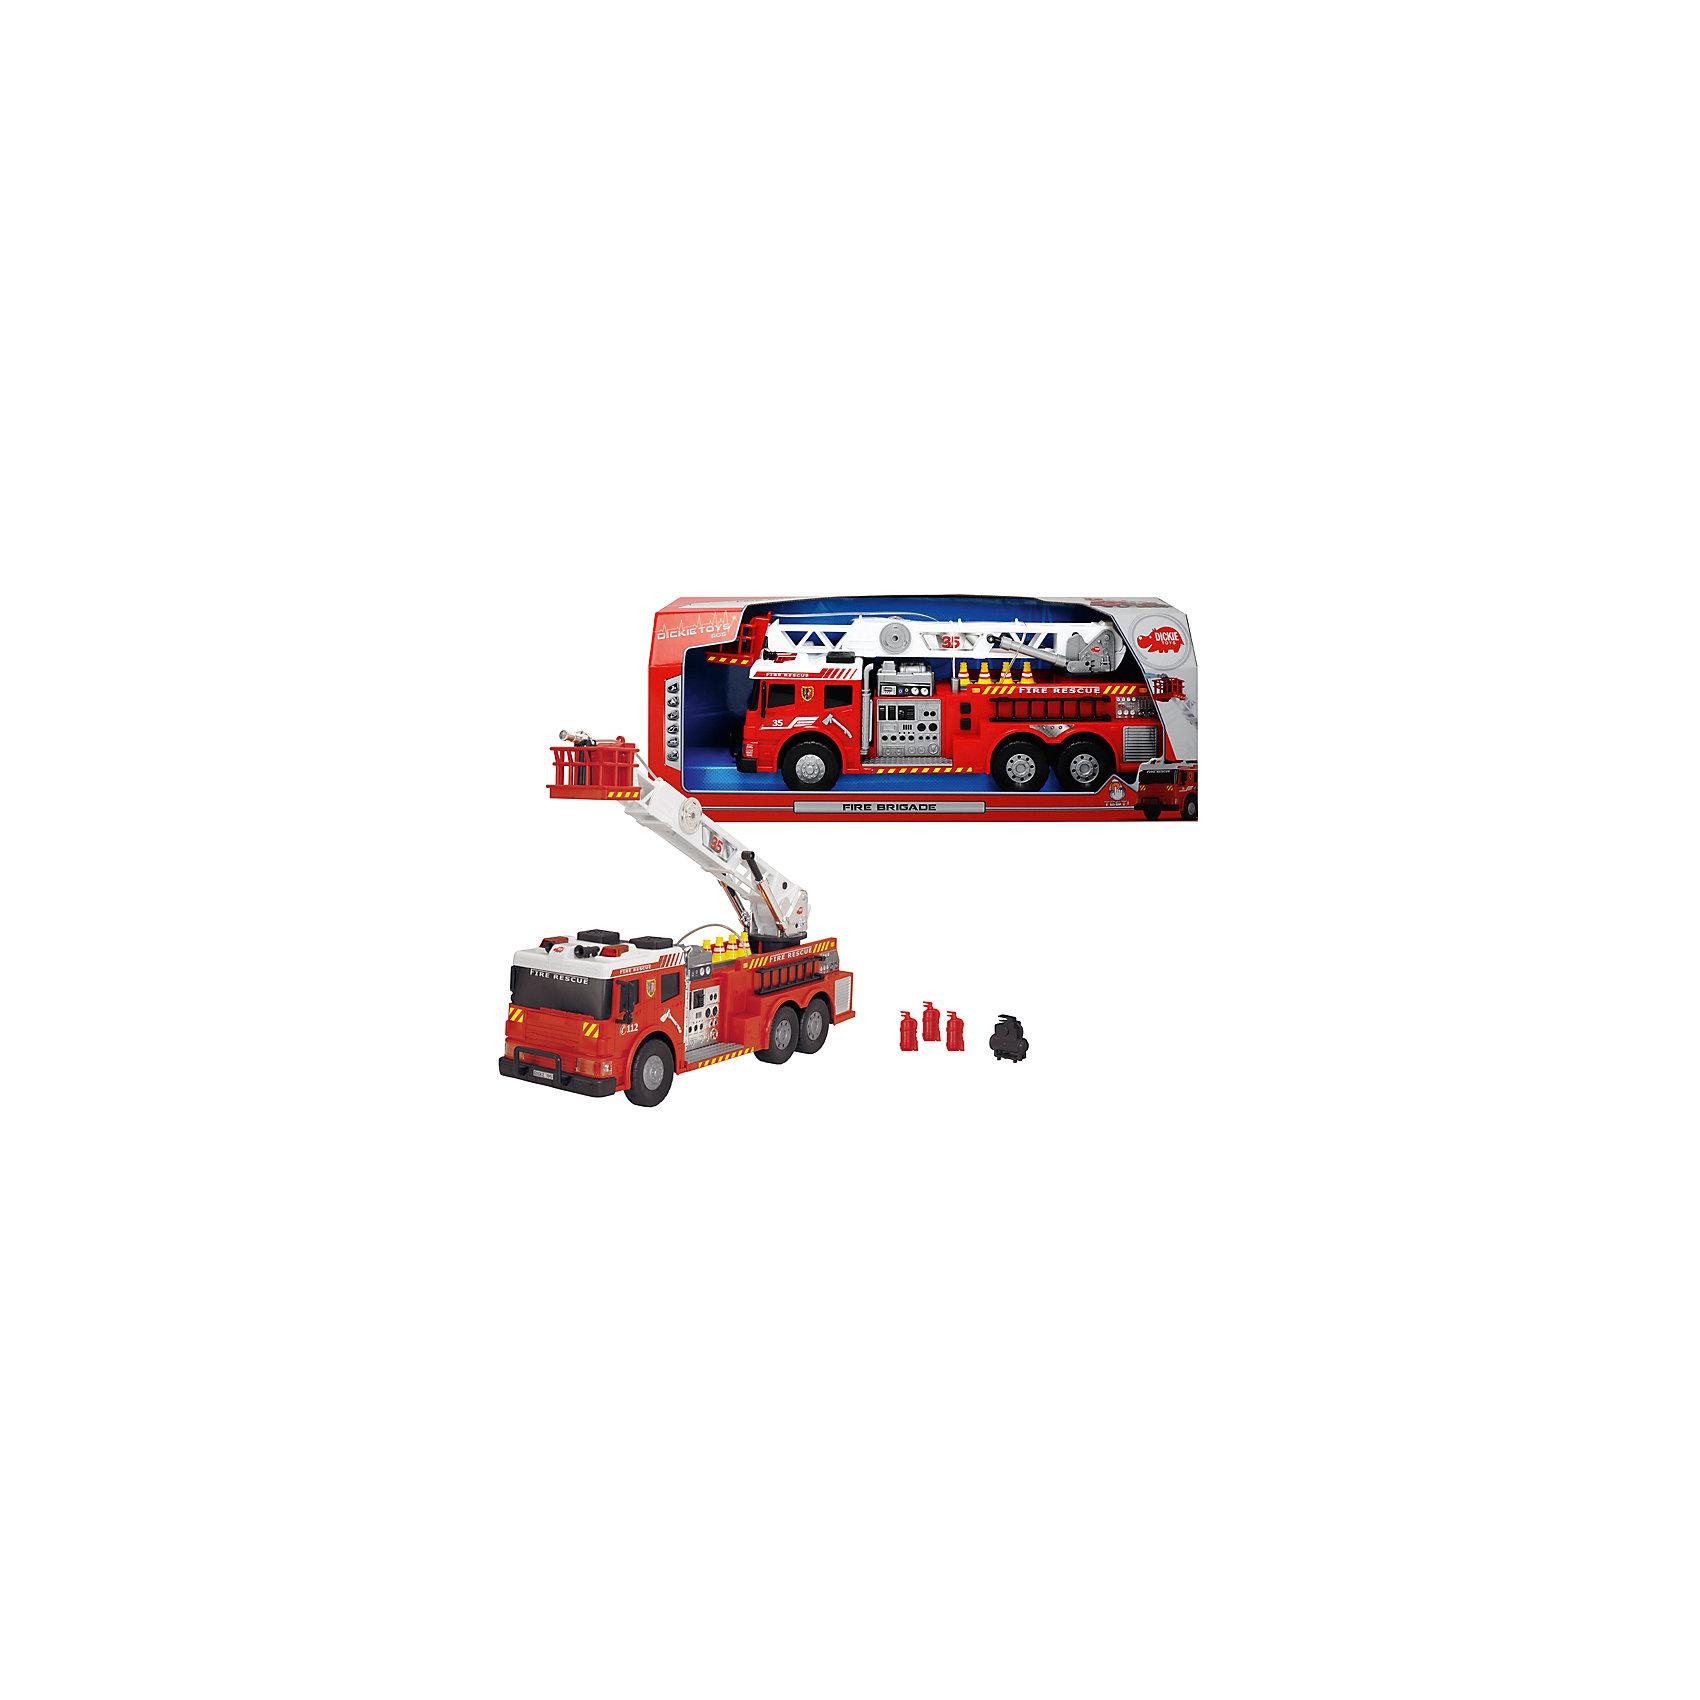 Пожарная машина с водой, 62 см, DickieБольшой транспорт от 50 см<br>В такой замечательной машиной ваш ребенок сможет почувствовать себя настоящим пожарным! Машина с подвижными колесами оснащена звуком  пожарной сирены и мигалками. Наверху располагается подвижная лестница с площадкой и брандспойтом, который имеет функцию разбрызгивания воды. Пожарная машина выполнена из высококачественного пластика, с применением экологичных нетоксичных красителей. <br><br>Дополнительная информация:<br><br>- Материал: пластик, металл.<br>- Размер: 62 см.<br>- Подвижные колеса.<br>- Подвижная пожарная вышка. <br>- Функция разбрызгивания воды.<br>- Световые, звуковые эффекты.<br>- Элемент питания: 2 АА батарейки (в комплекте).<br><br>Пожарную машину с водой, 62 см, Dickie (Дикки), можно купить в нашем магазине.<br><br>Ширина мм: 690<br>Глубина мм: 260<br>Высота мм: 180<br>Вес г: 1990<br>Возраст от месяцев: 36<br>Возраст до месяцев: 84<br>Пол: Мужской<br>Возраст: Детский<br>SKU: 4582753